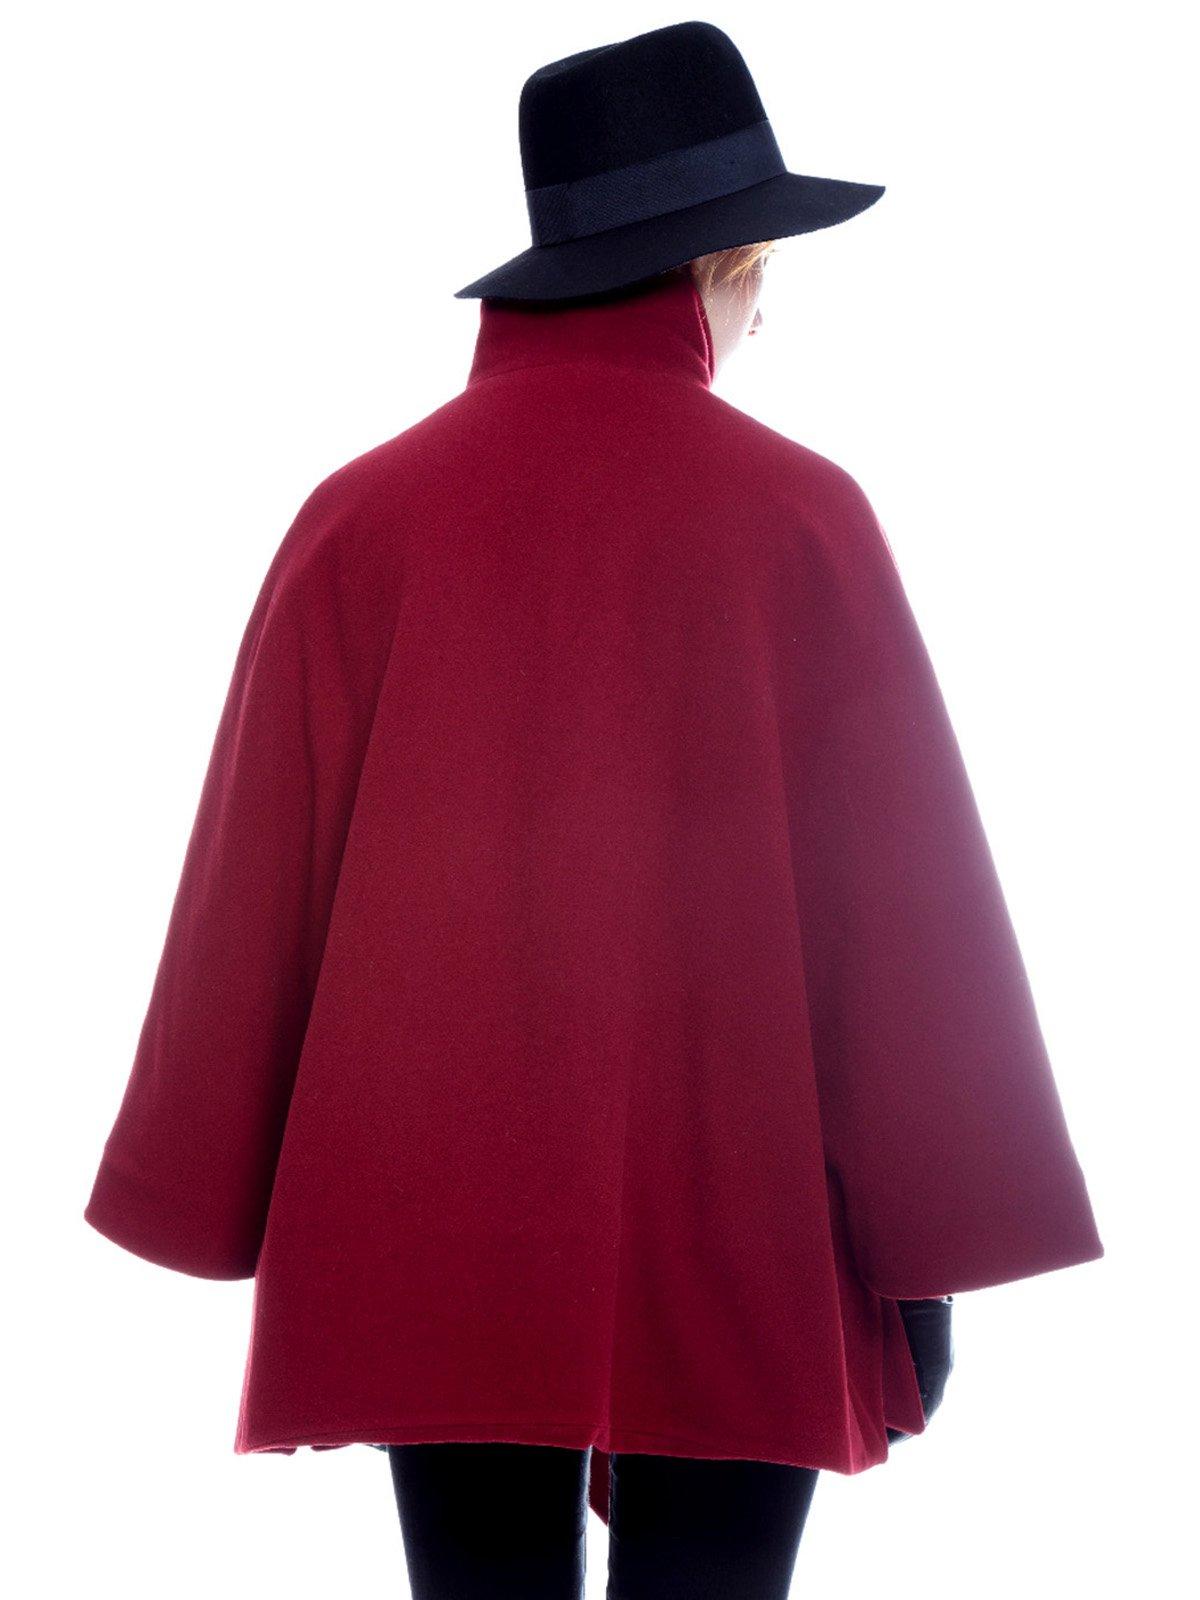 Пальто бордовое | 3652725 | фото 5